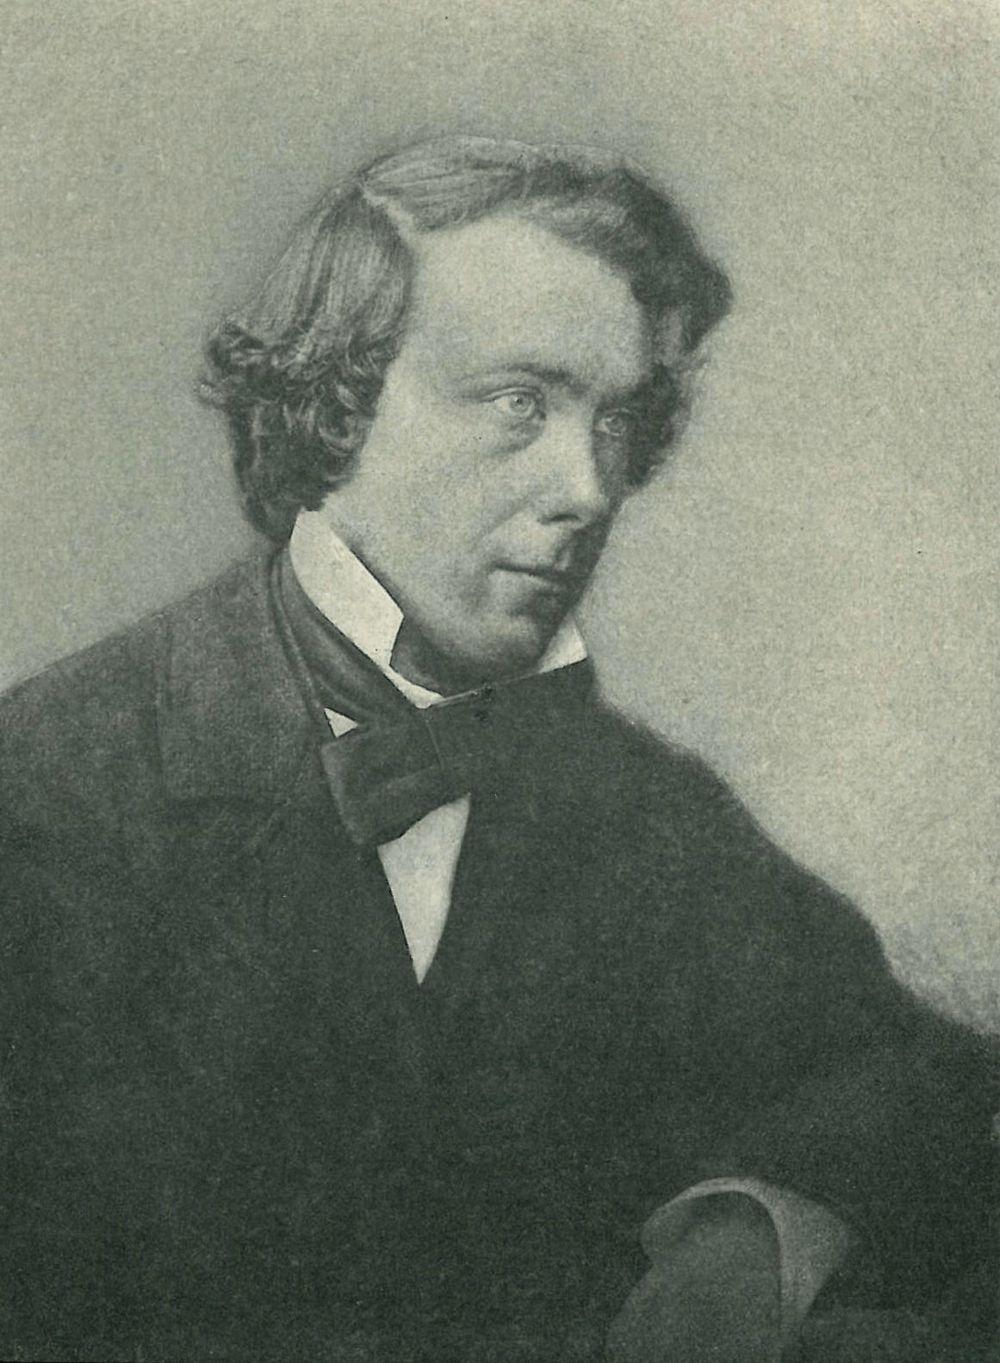 Thomas Edward Brown